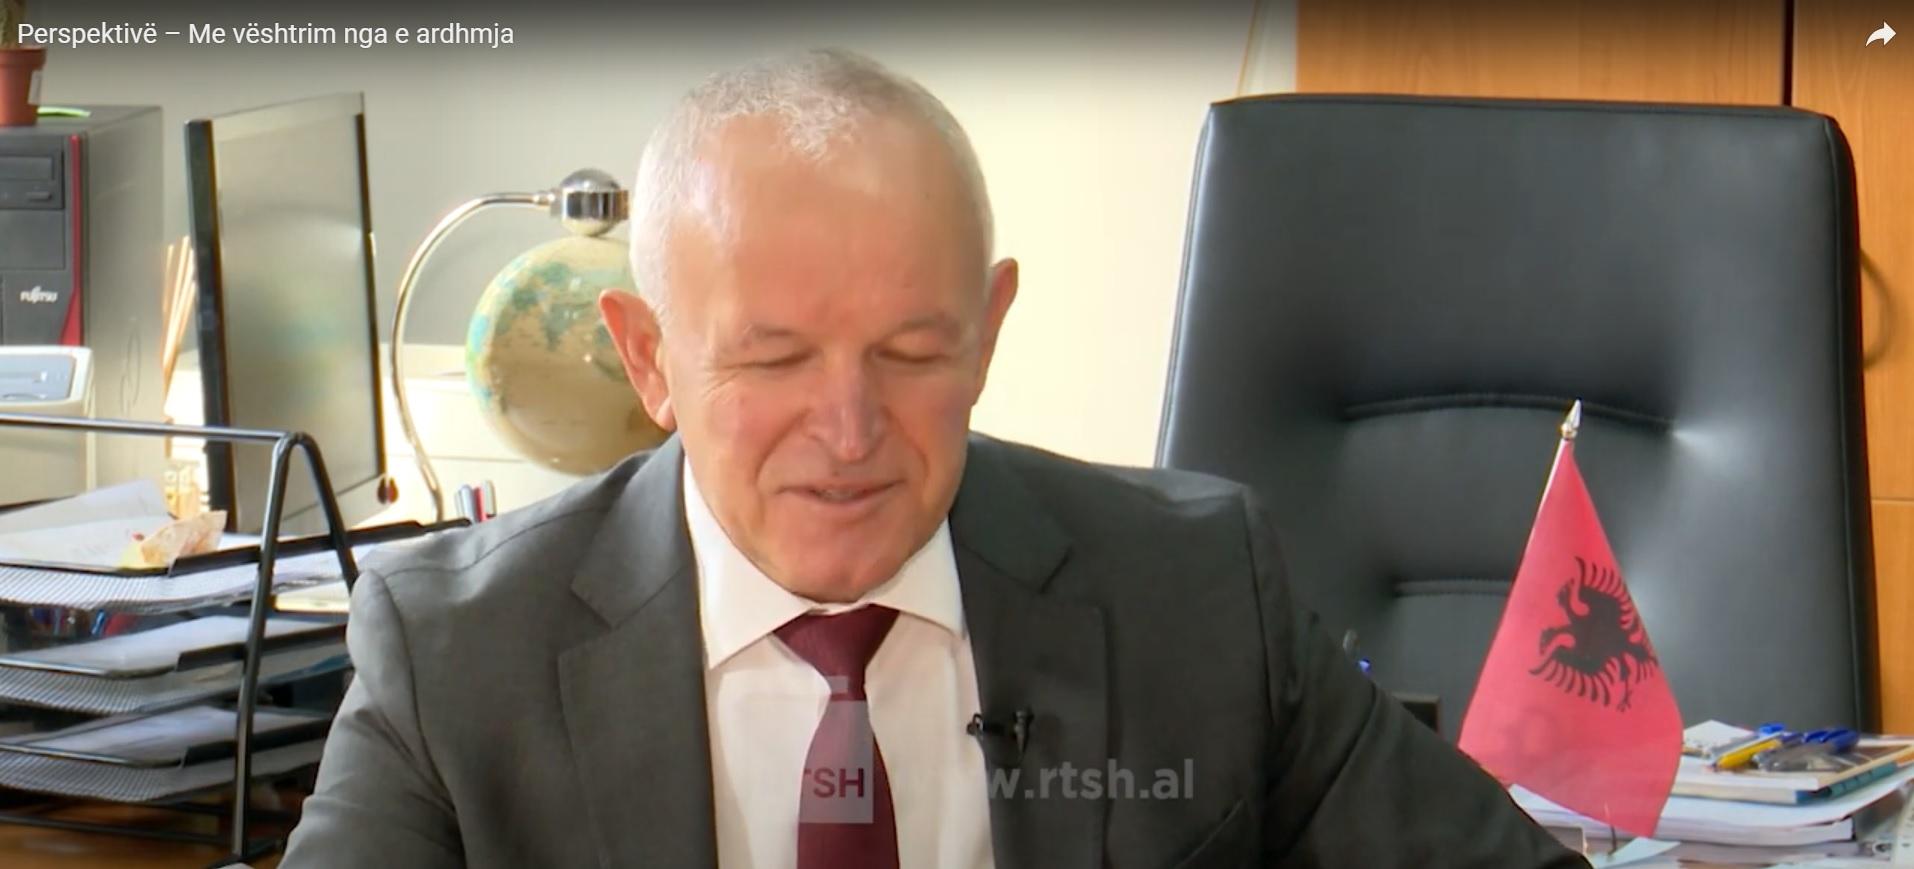 """Intervista e Dekanit të FHF-së, prof. dr. Sabri LAÇI, dhënë Emisionit """"Perspektivë"""" të RTSH-2, me temë: Sfidat e mësimit online."""